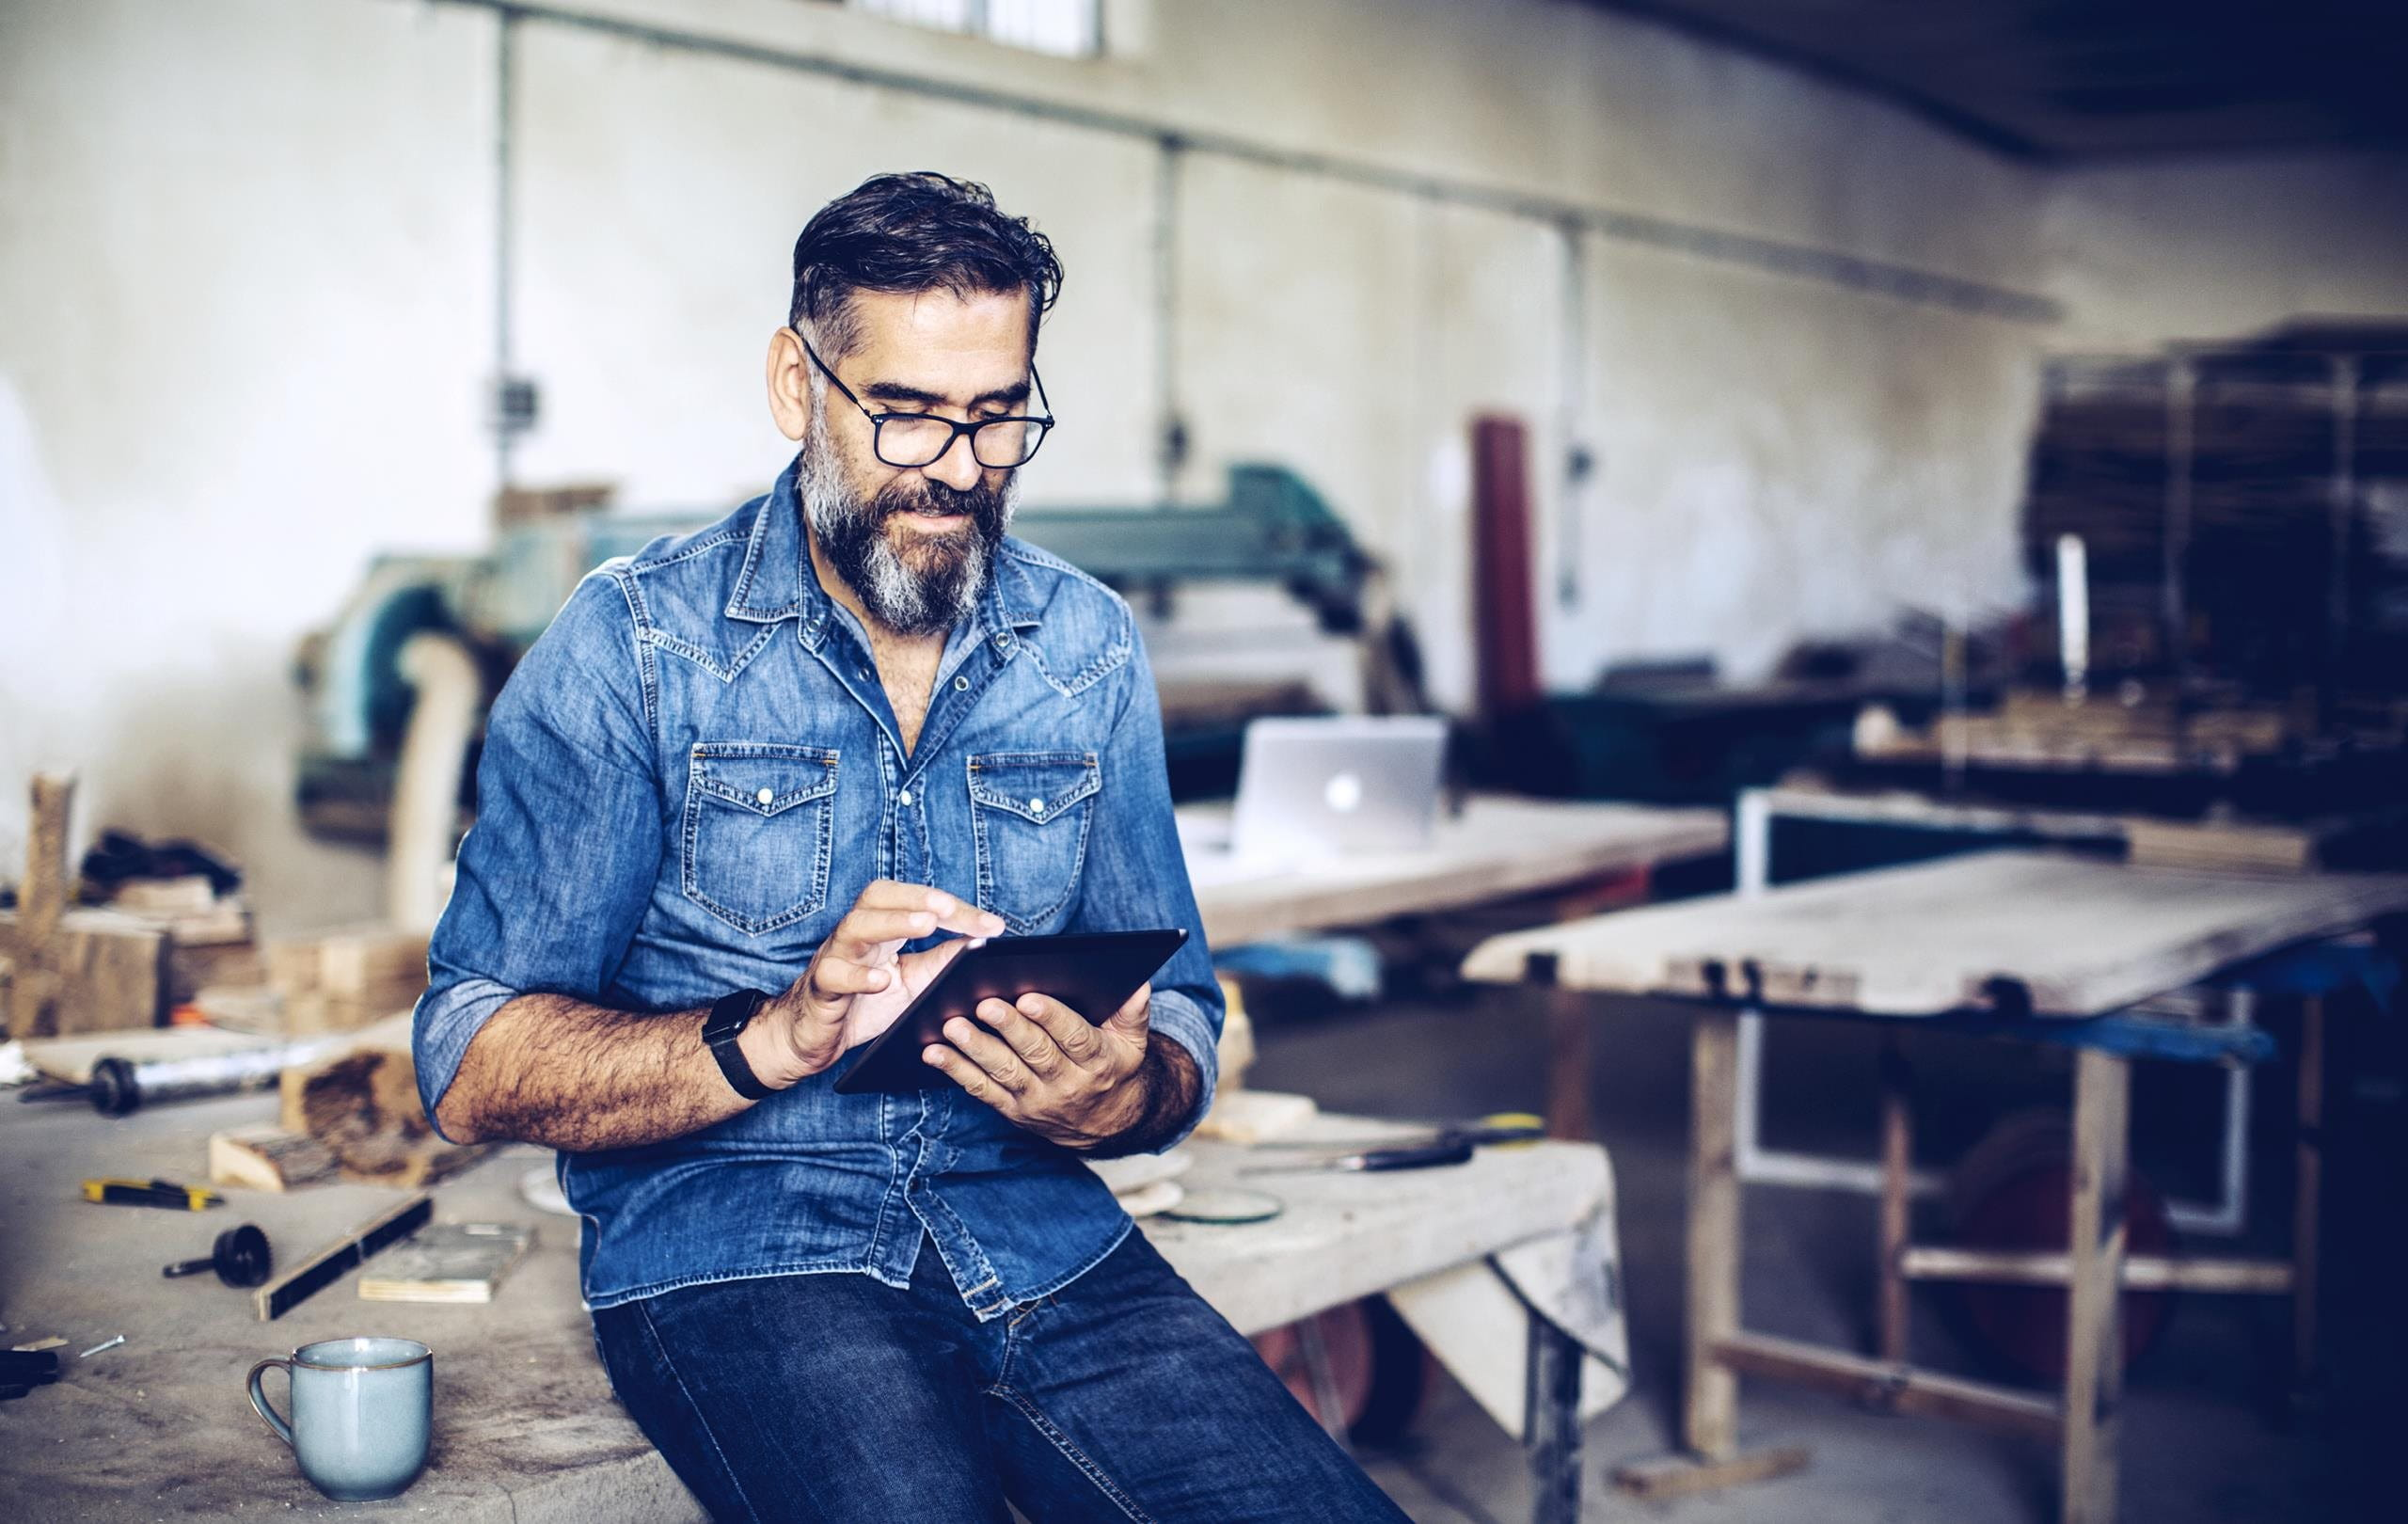 Mann sitzt auf Werkbank und schaut ins iPad